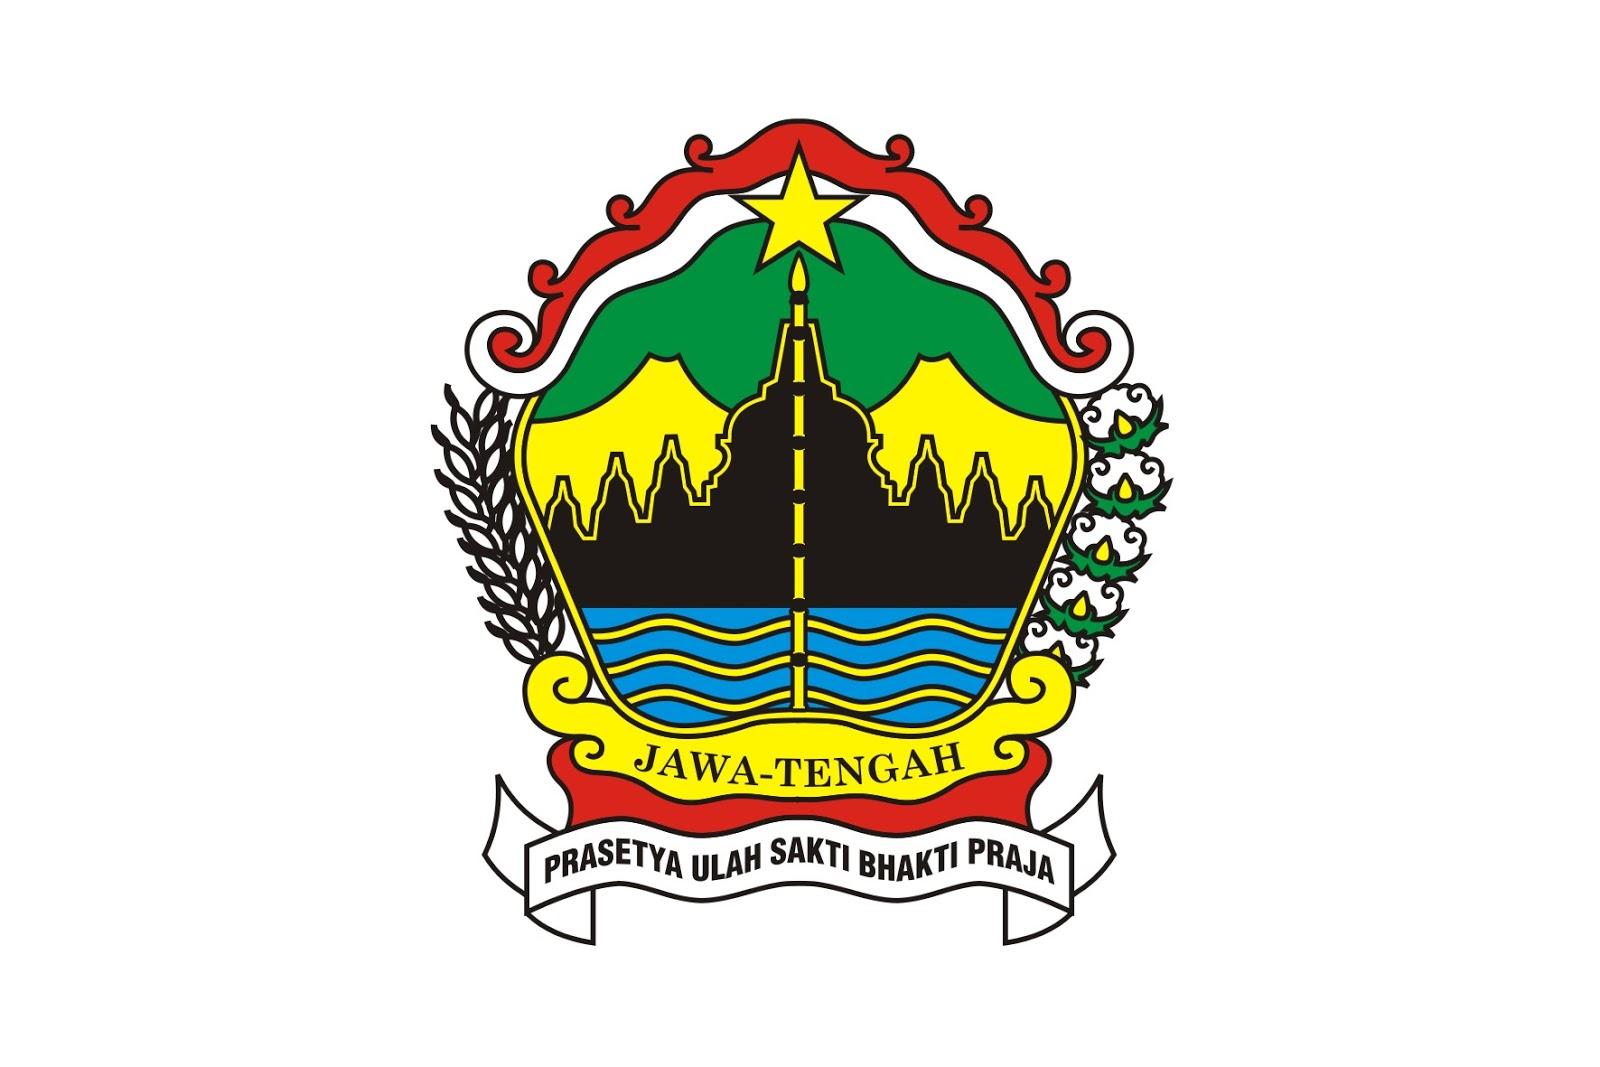 Logo+Pemprov+Jawa+Tengah